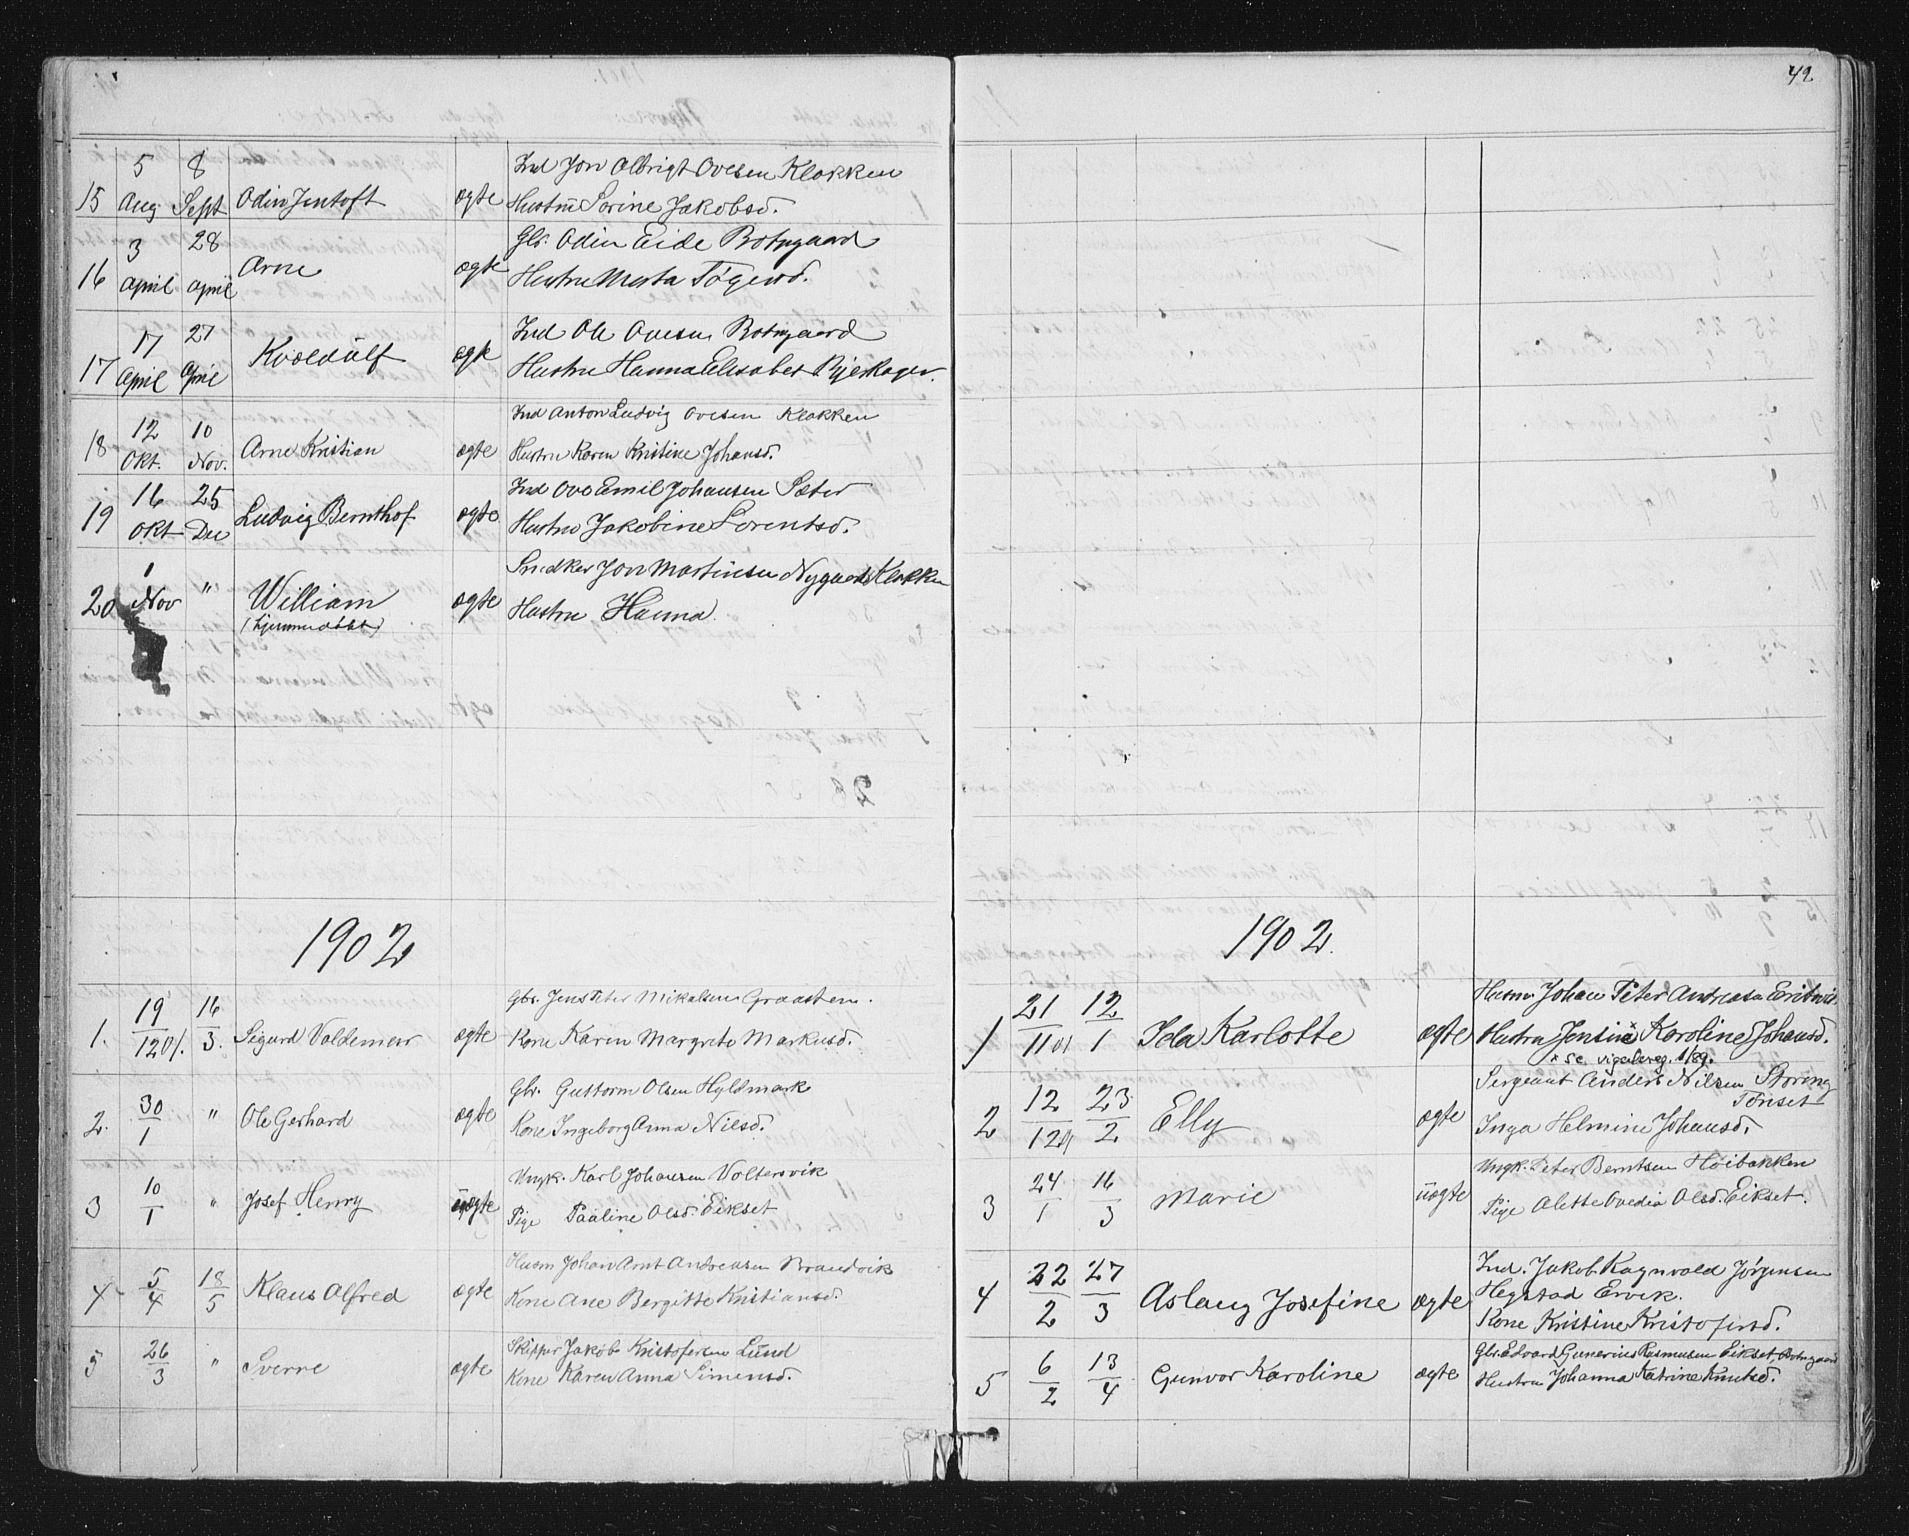 SAT, Ministerialprotokoller, klokkerbøker og fødselsregistre - Sør-Trøndelag, 651/L0647: Klokkerbok nr. 651C01, 1866-1914, s. 42